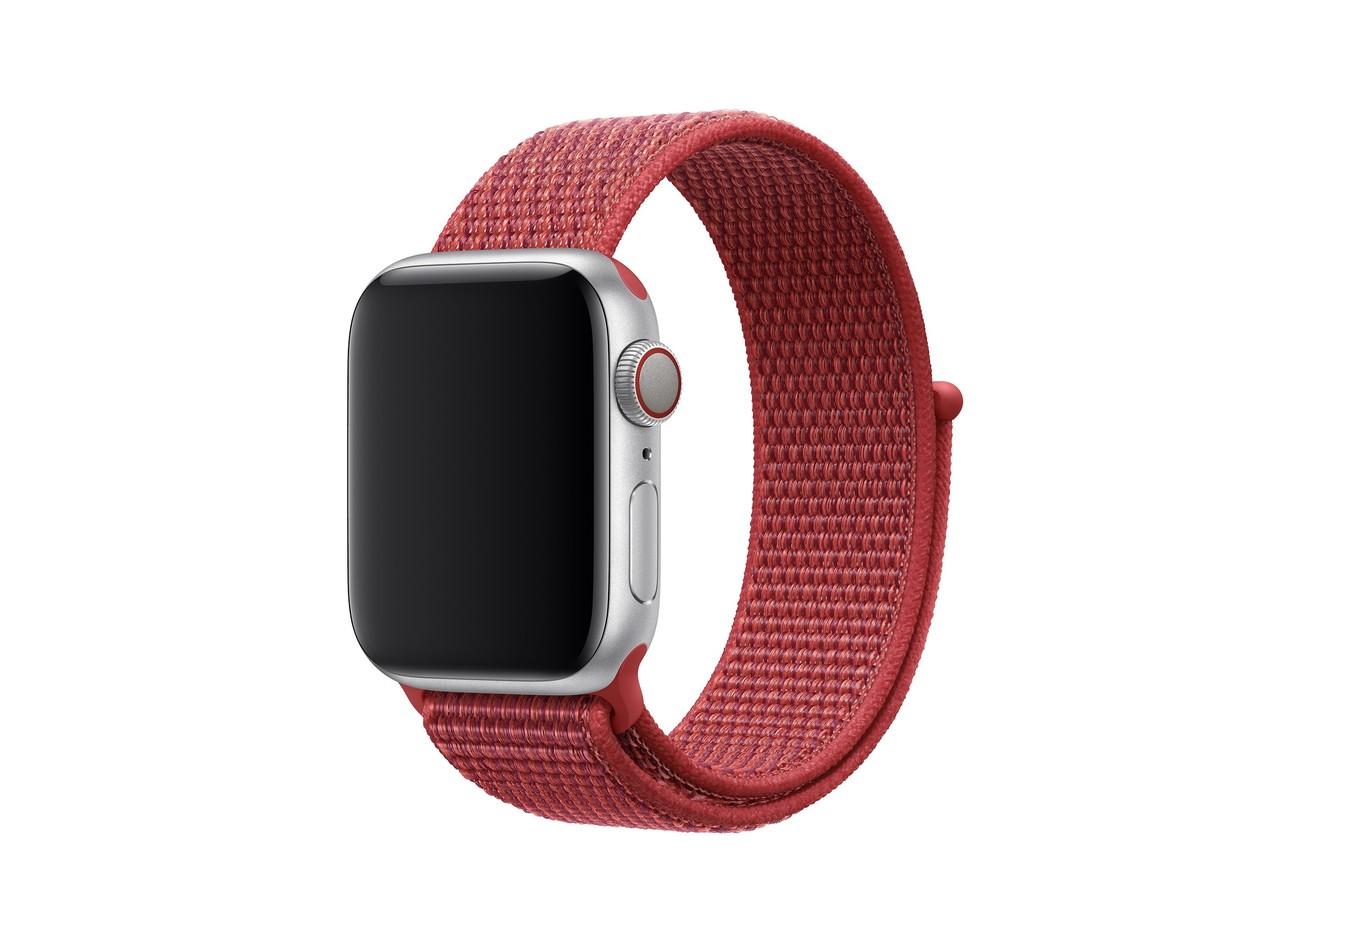 correas para el Apple Watch PRODUCT(RED)